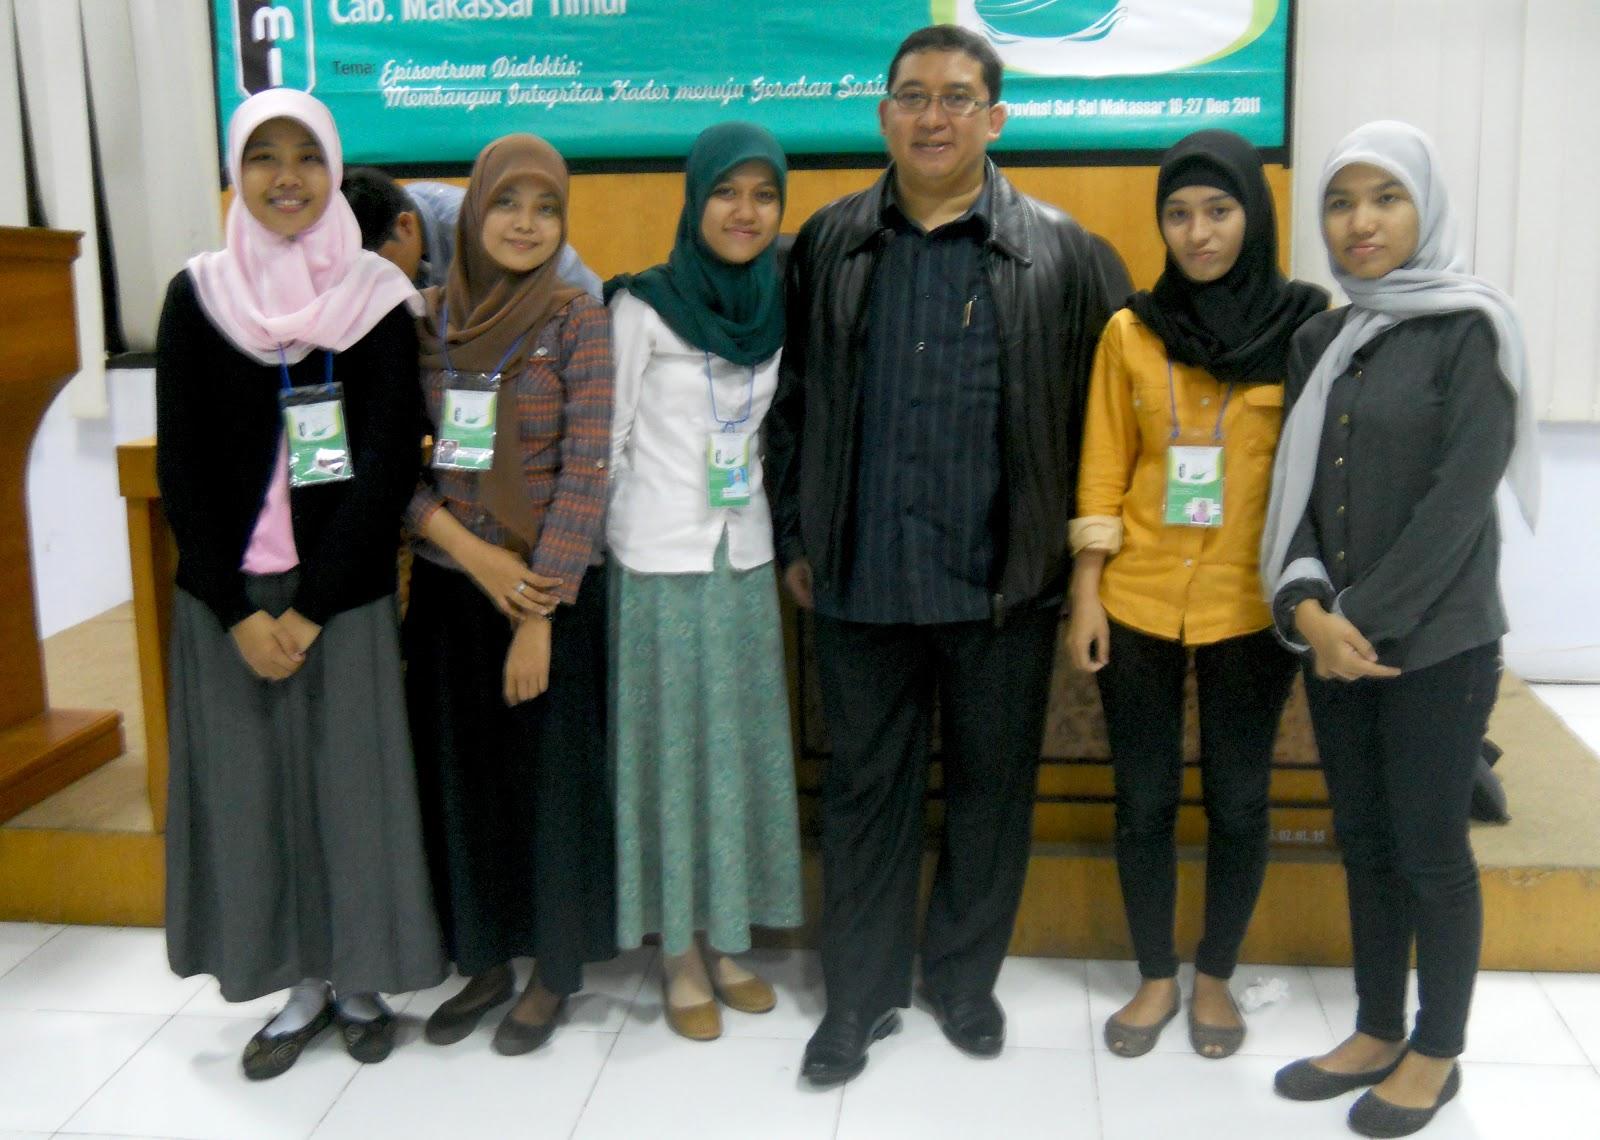 Kohati HMI Cab. Makassar Timur Bersama Fadly Zon (Sekjen Partai Gerindra)